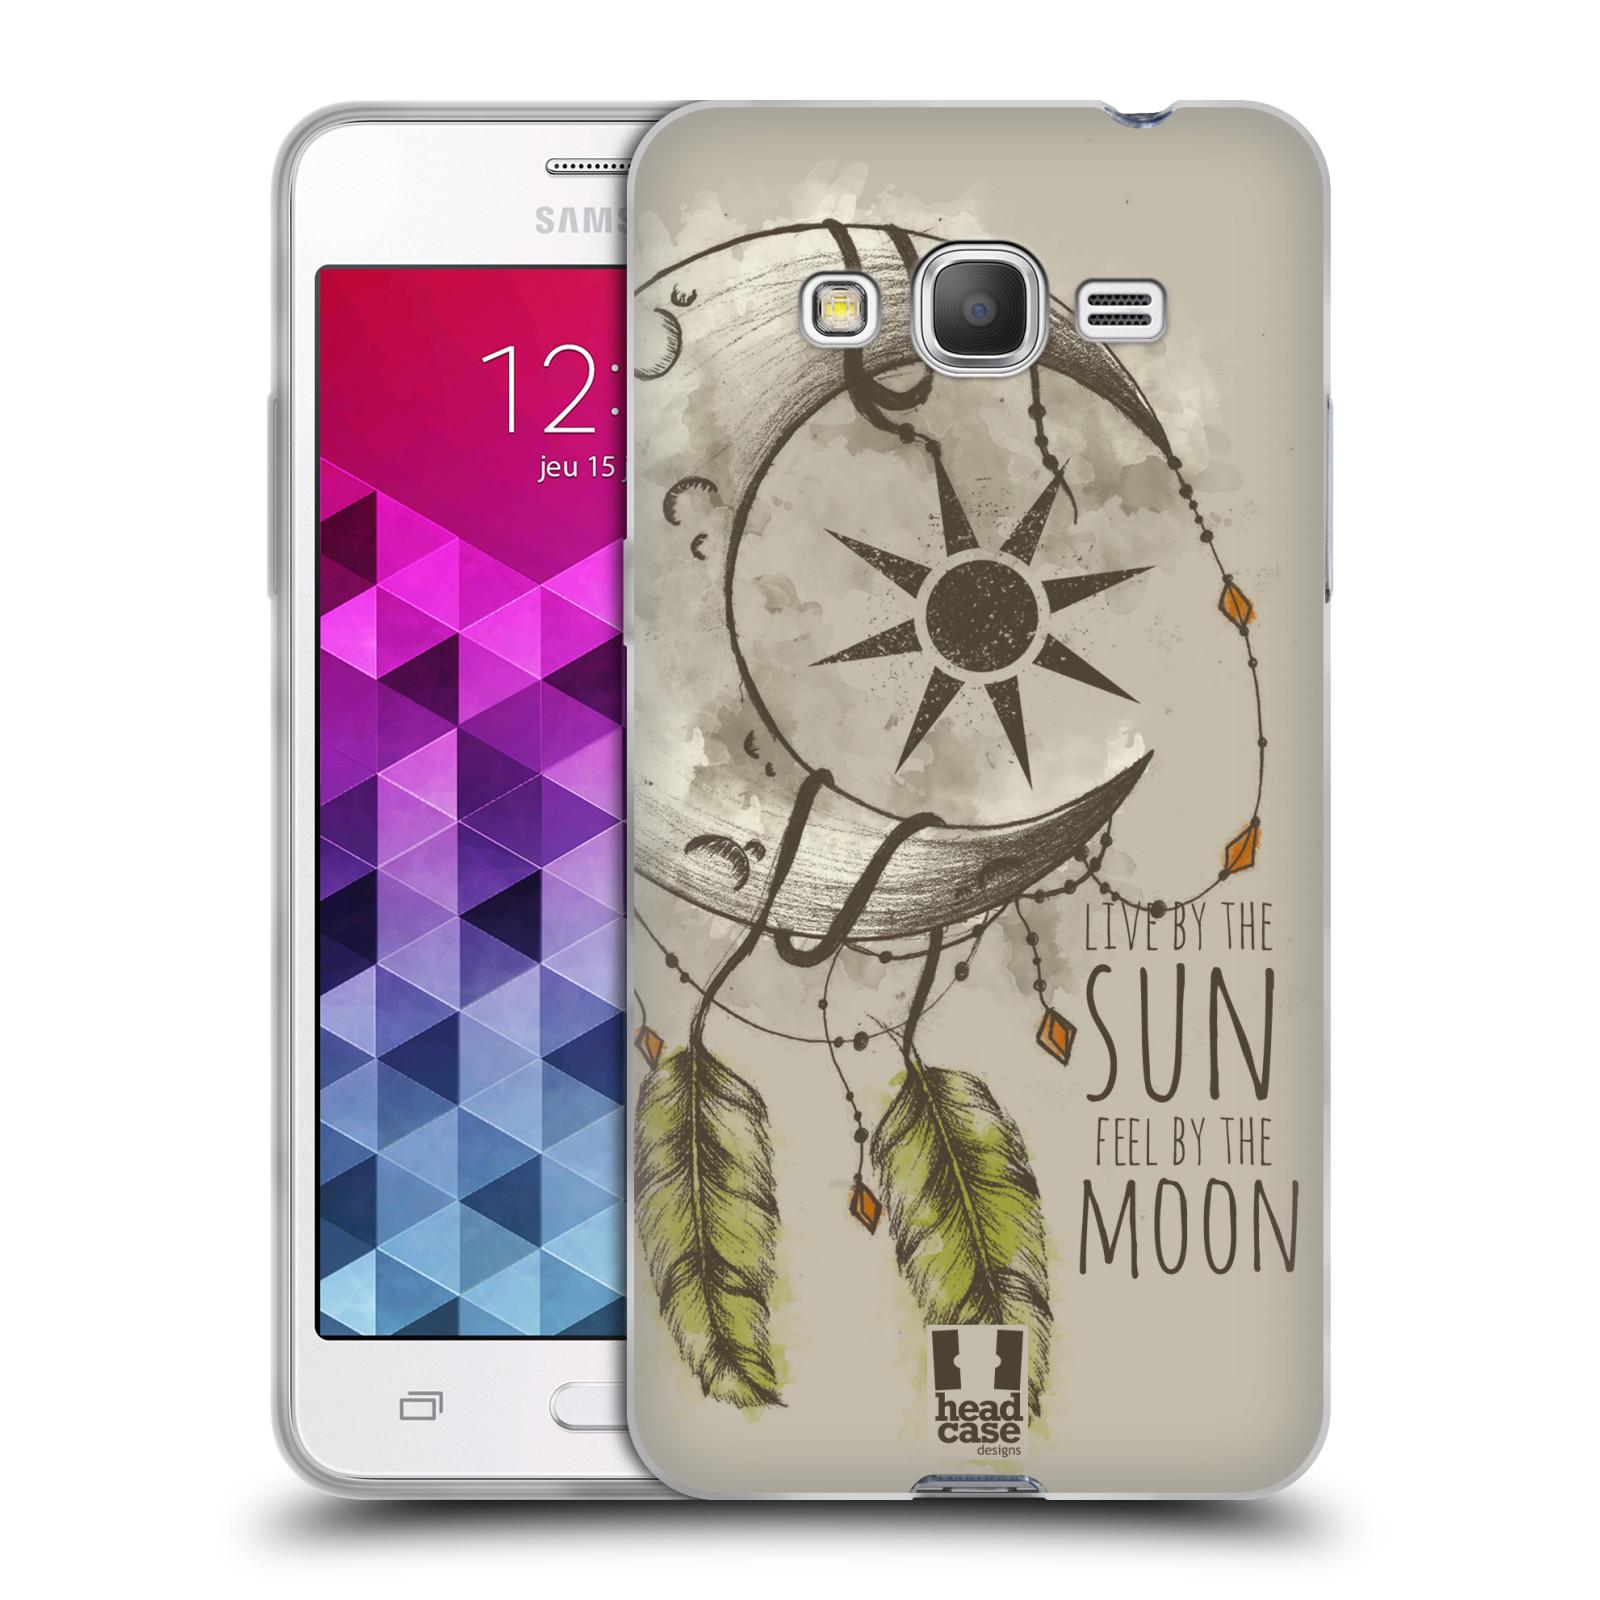 Silikonové pouzdro na mobil Samsung Galaxy Grand Prime VE - Head Case - Bohémský lapač (Silikonový kryt či obal na mobilní telefon s motivem Bohemian Soul pro Samsung Galaxy Grand Prime VE SM-G531F)